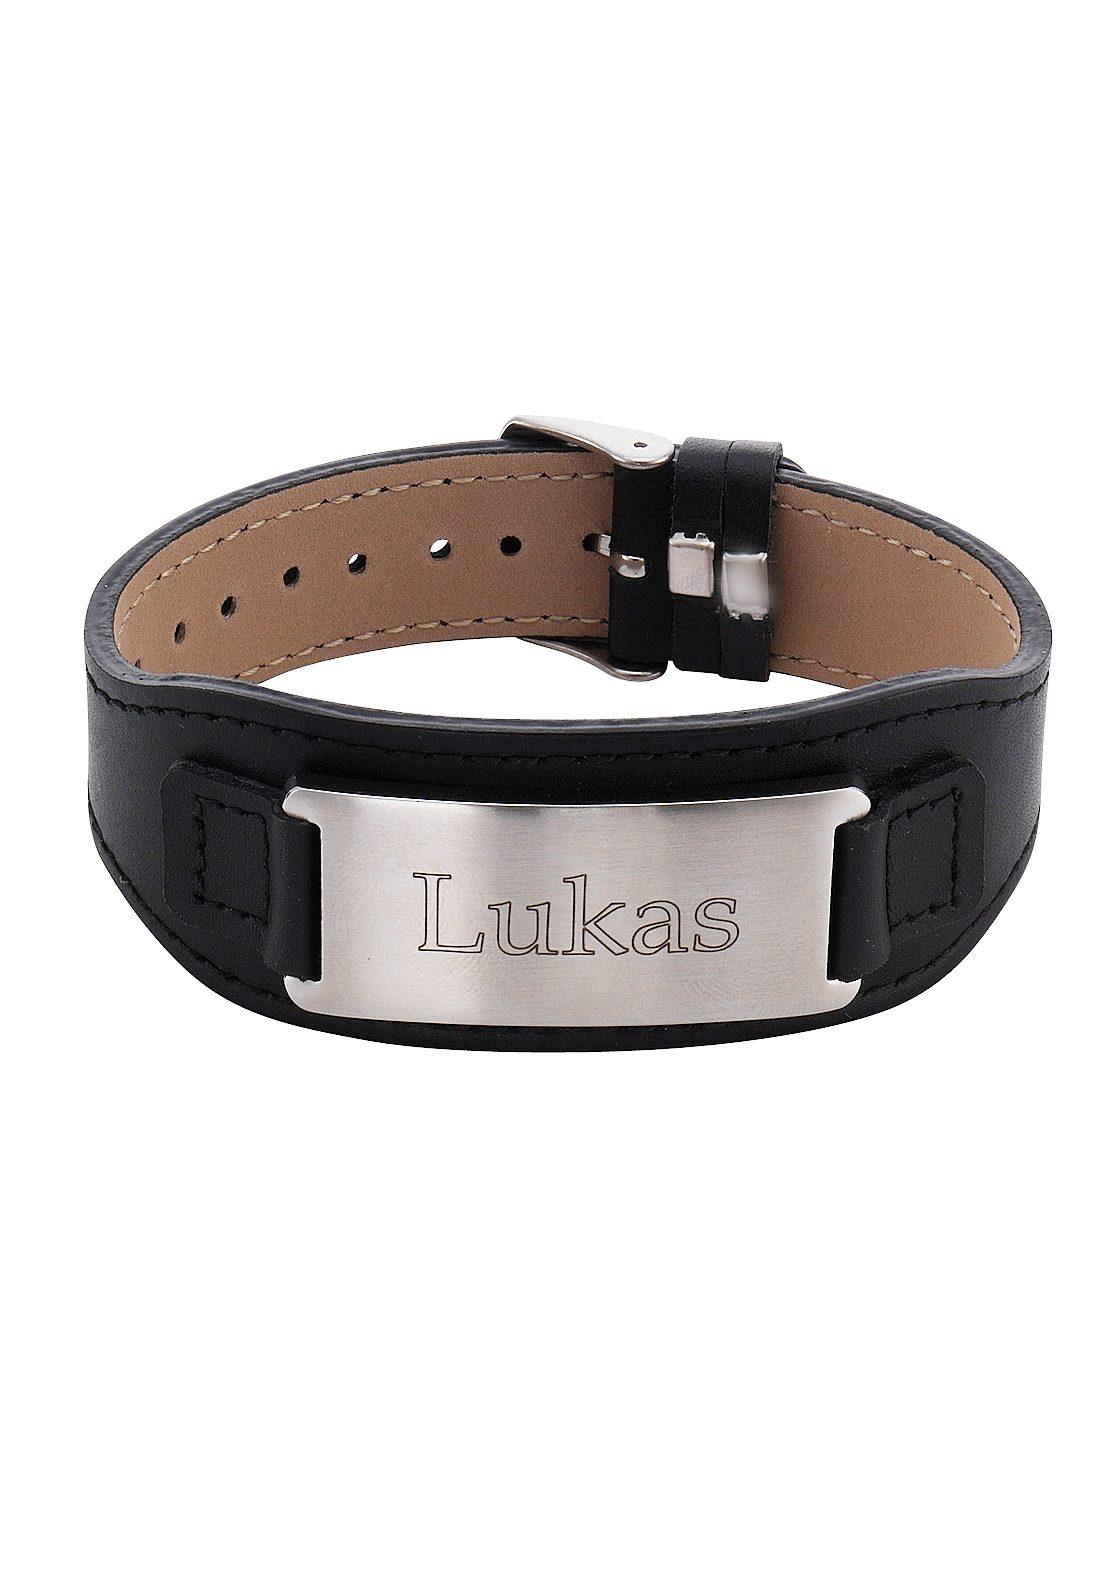 Firetti Armband mit Gravur ID-Armband mit gratis Gravur | Schmuck > Armbänder > Armbänder mit Gravur | Schwarz | Firetti